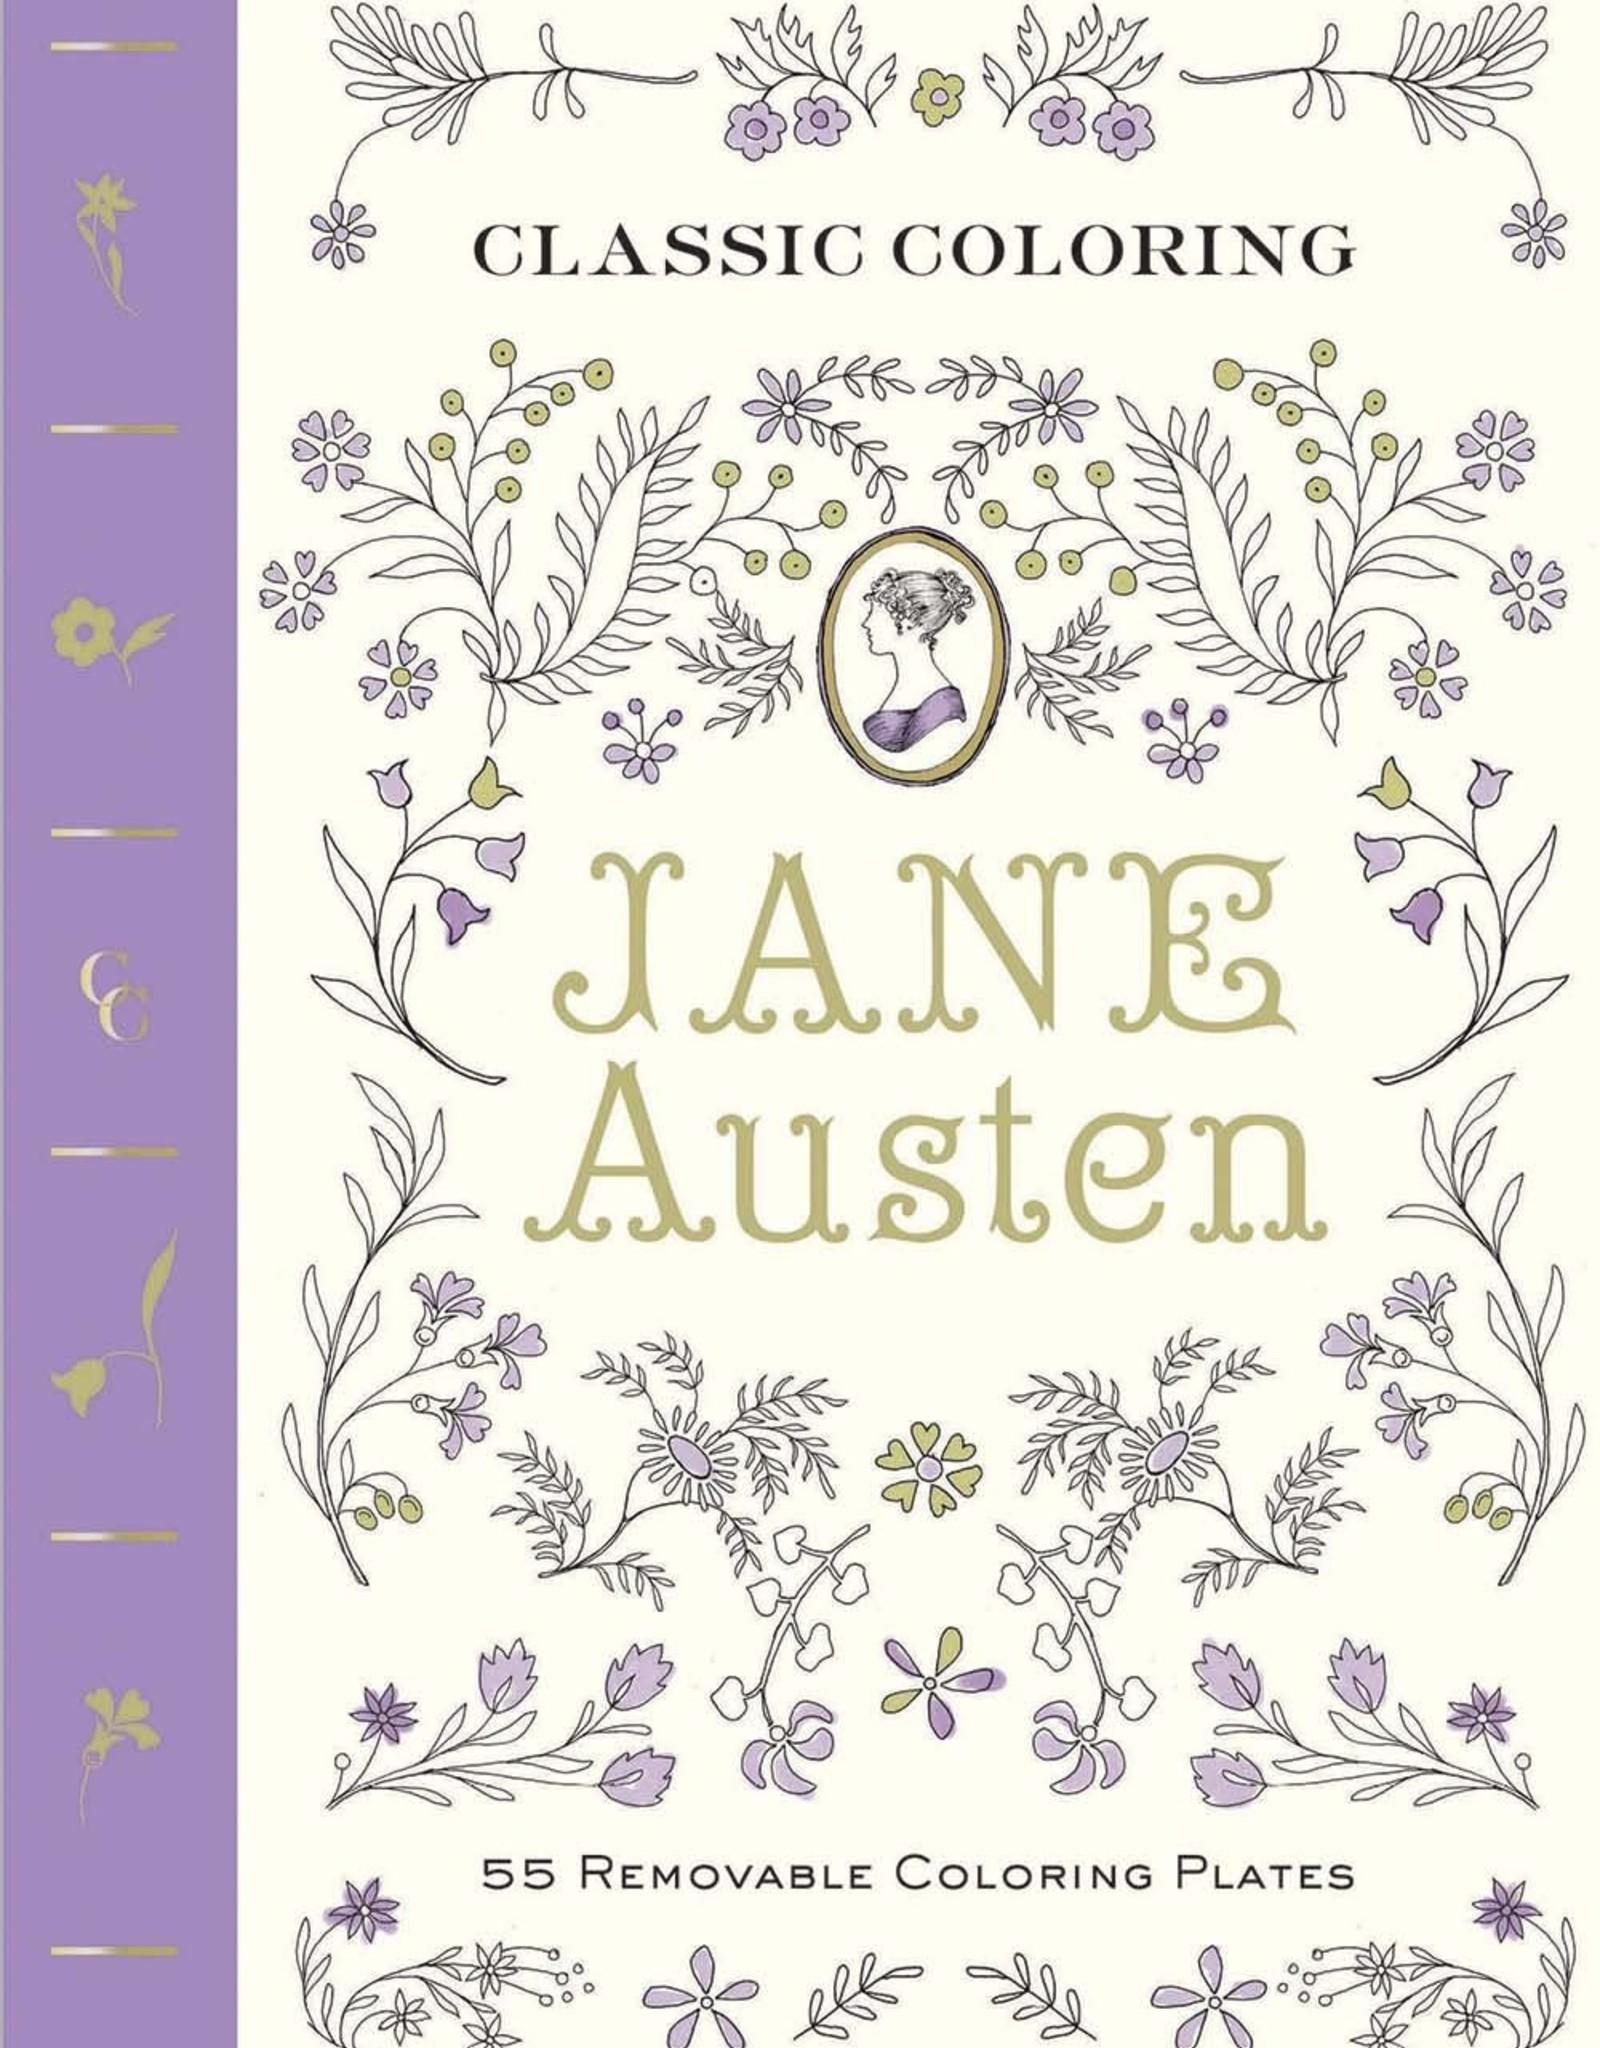 Classic Coloring: Jane Austen